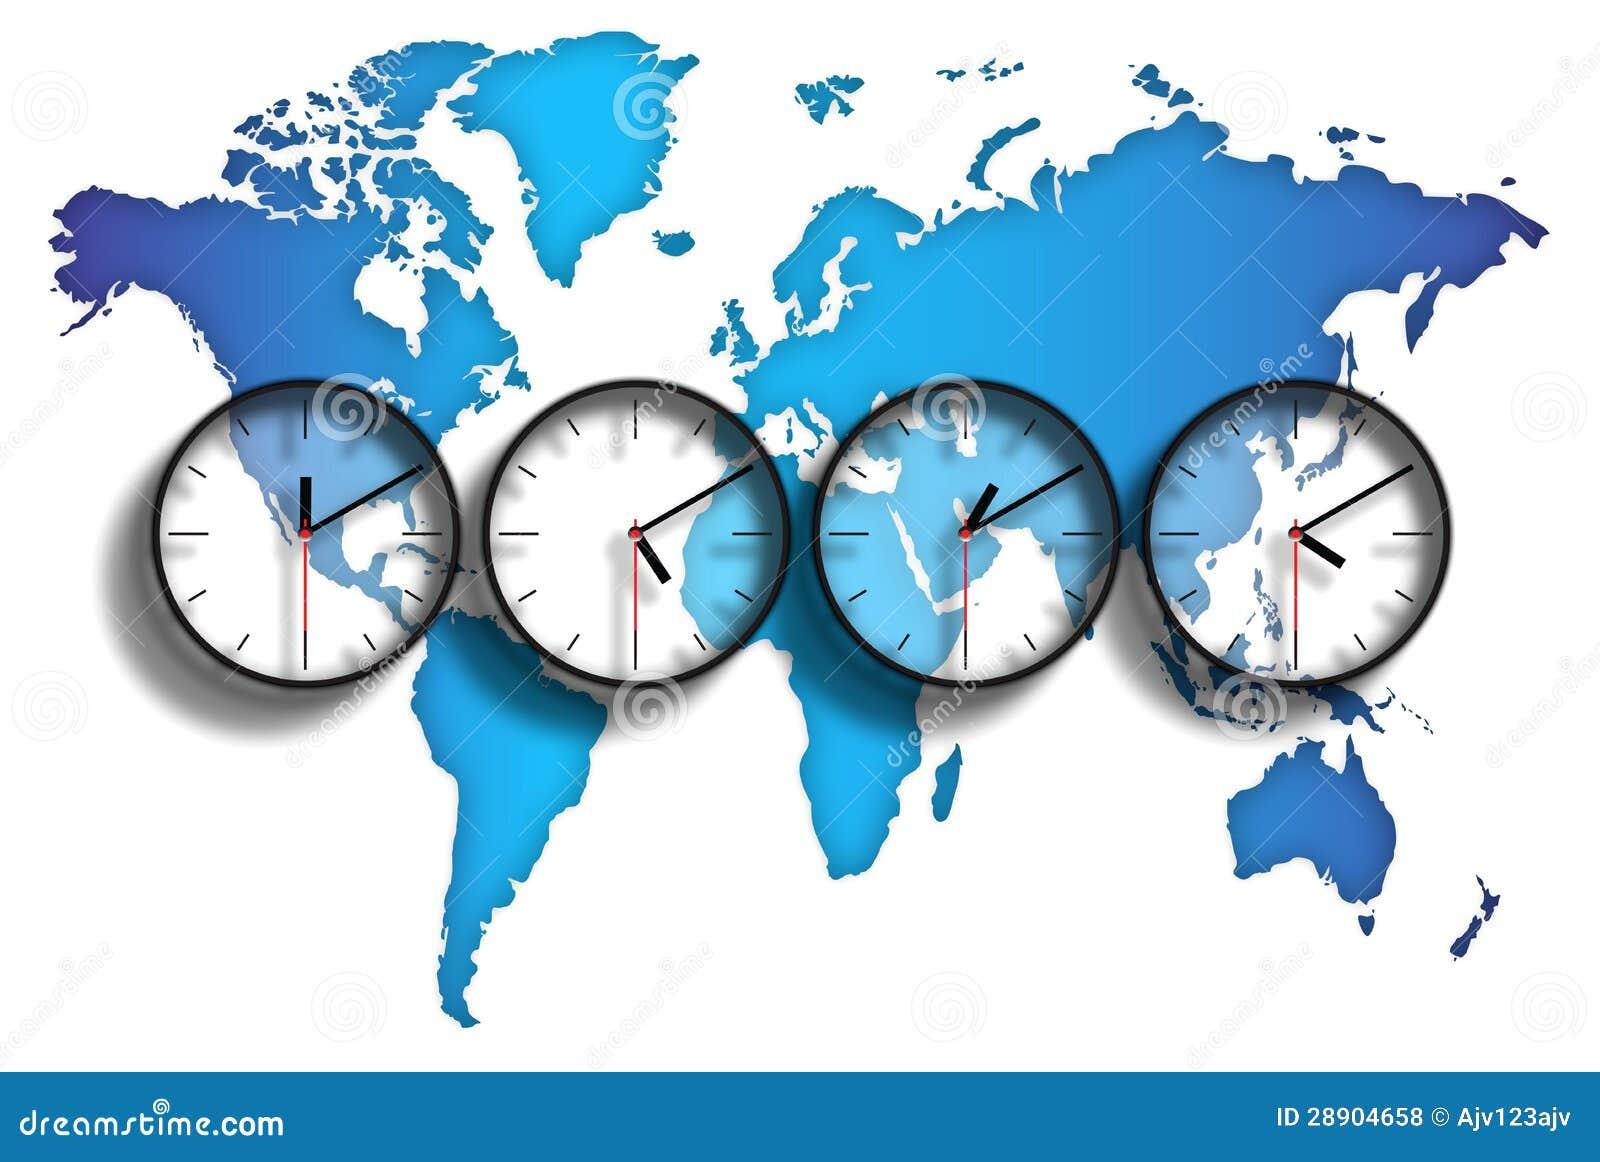 Zonas horarias del mapa del mundo